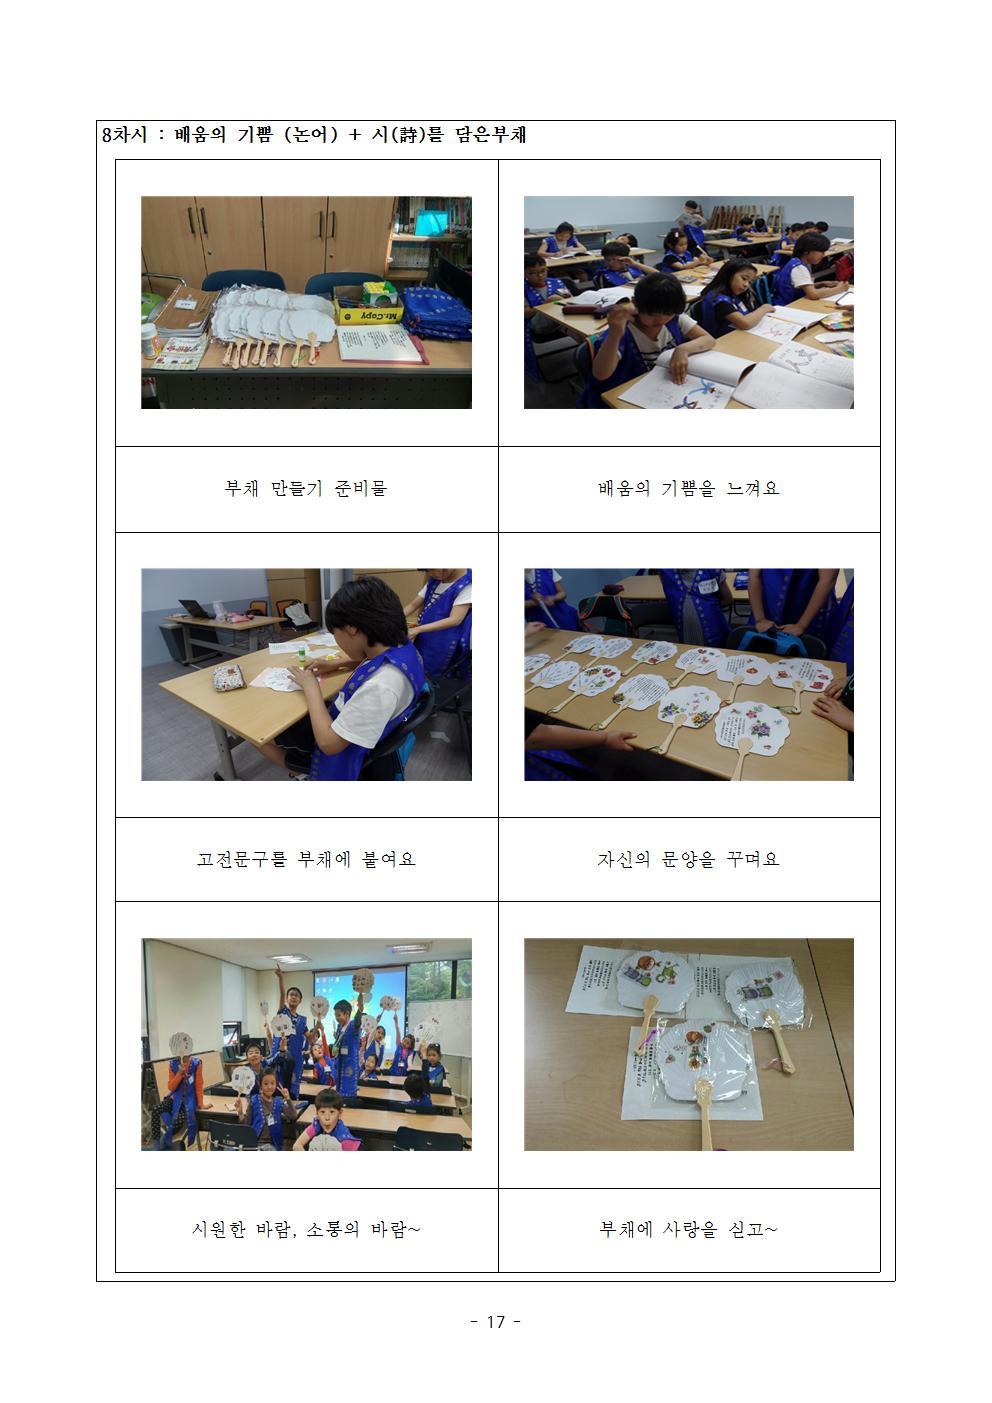 [인증]인성교육프로그램 인중 신청-까치서당(까치서당에서 군자되다)한국지역사회교육협의회 추가서류수정017.jpg